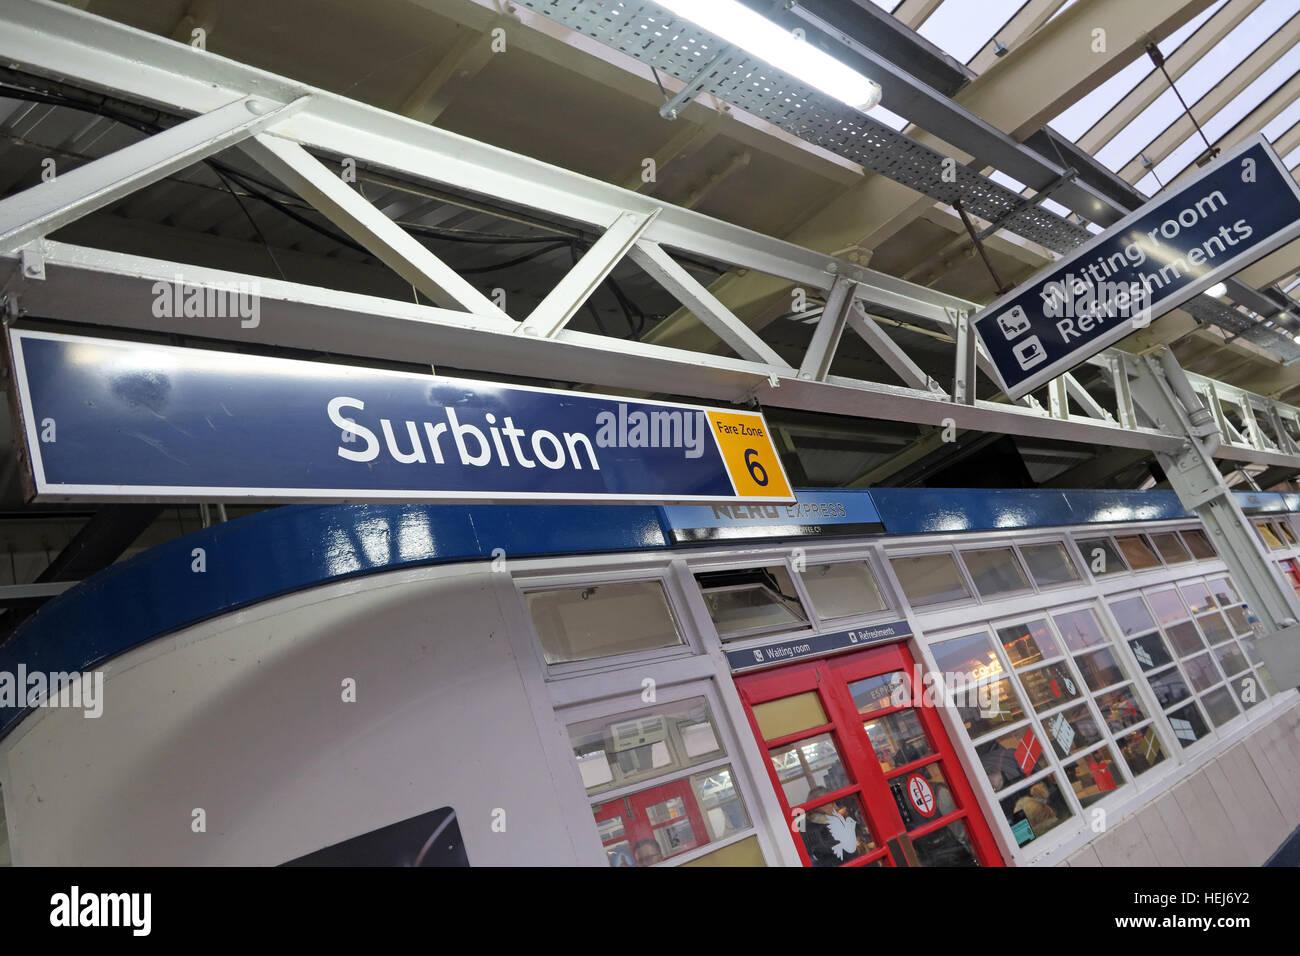 Laden Sie dieses Alamy Stockfoto Surbiton Railway Station Wartezimmer auf Bahnsteig 3, Kingston, West-London, England, Vereinigtes Königreich - HEJ6Y2